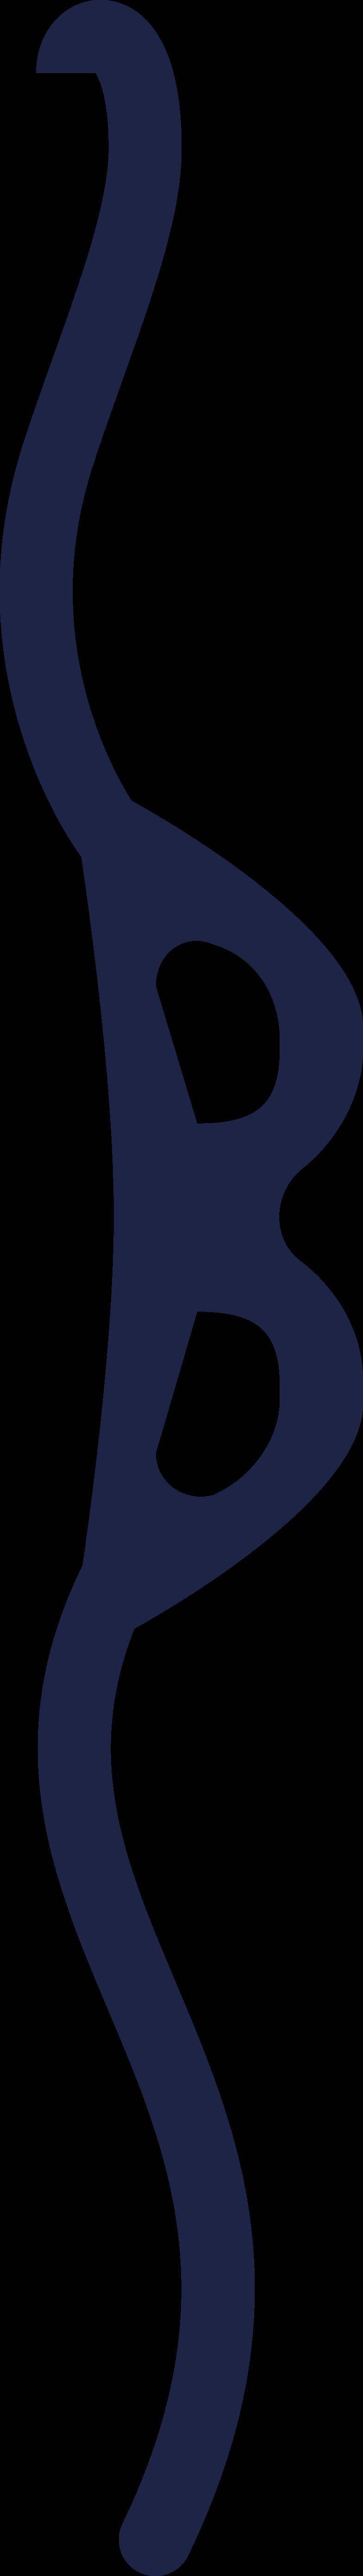 mask line Clipart illustration in PNG, SVG